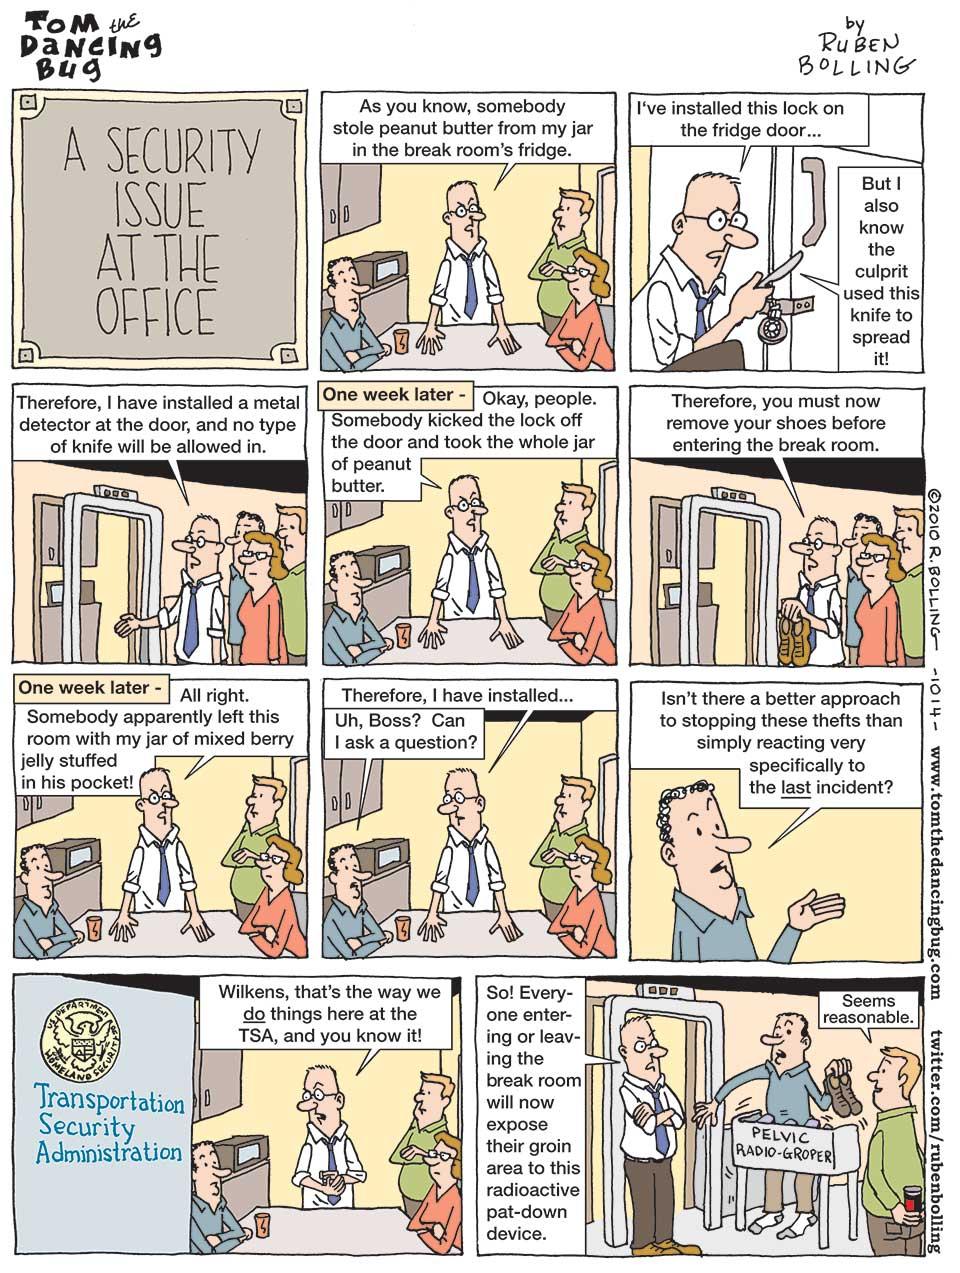 http://boingboing.net/ttdb/20101024/comic.jpg